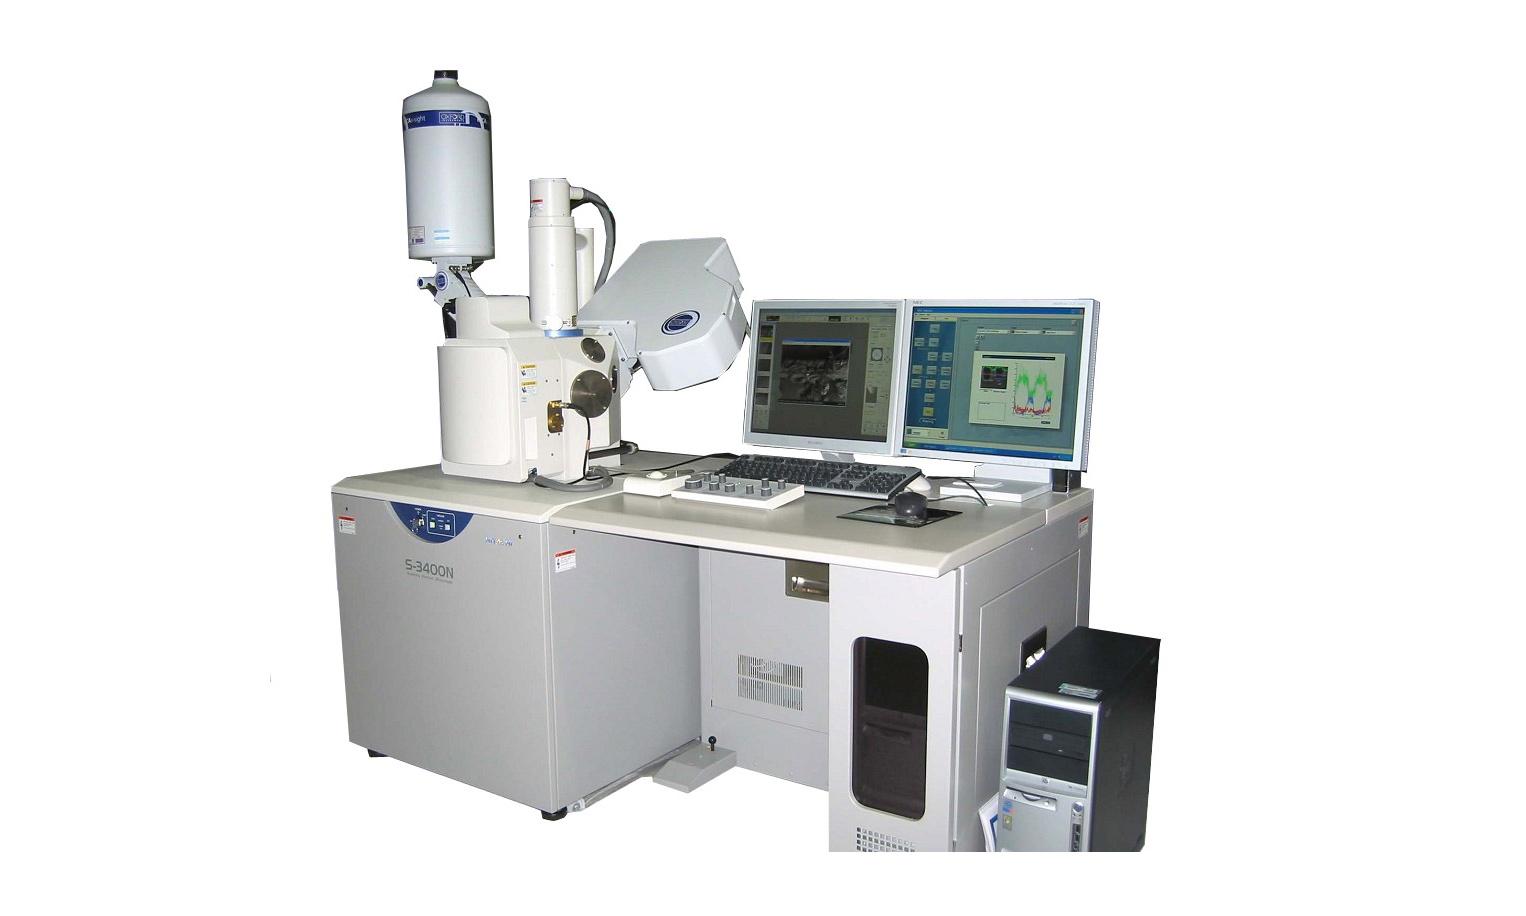 华北理工大学台式扫面电子显微镜等仪器设备采购项目招标